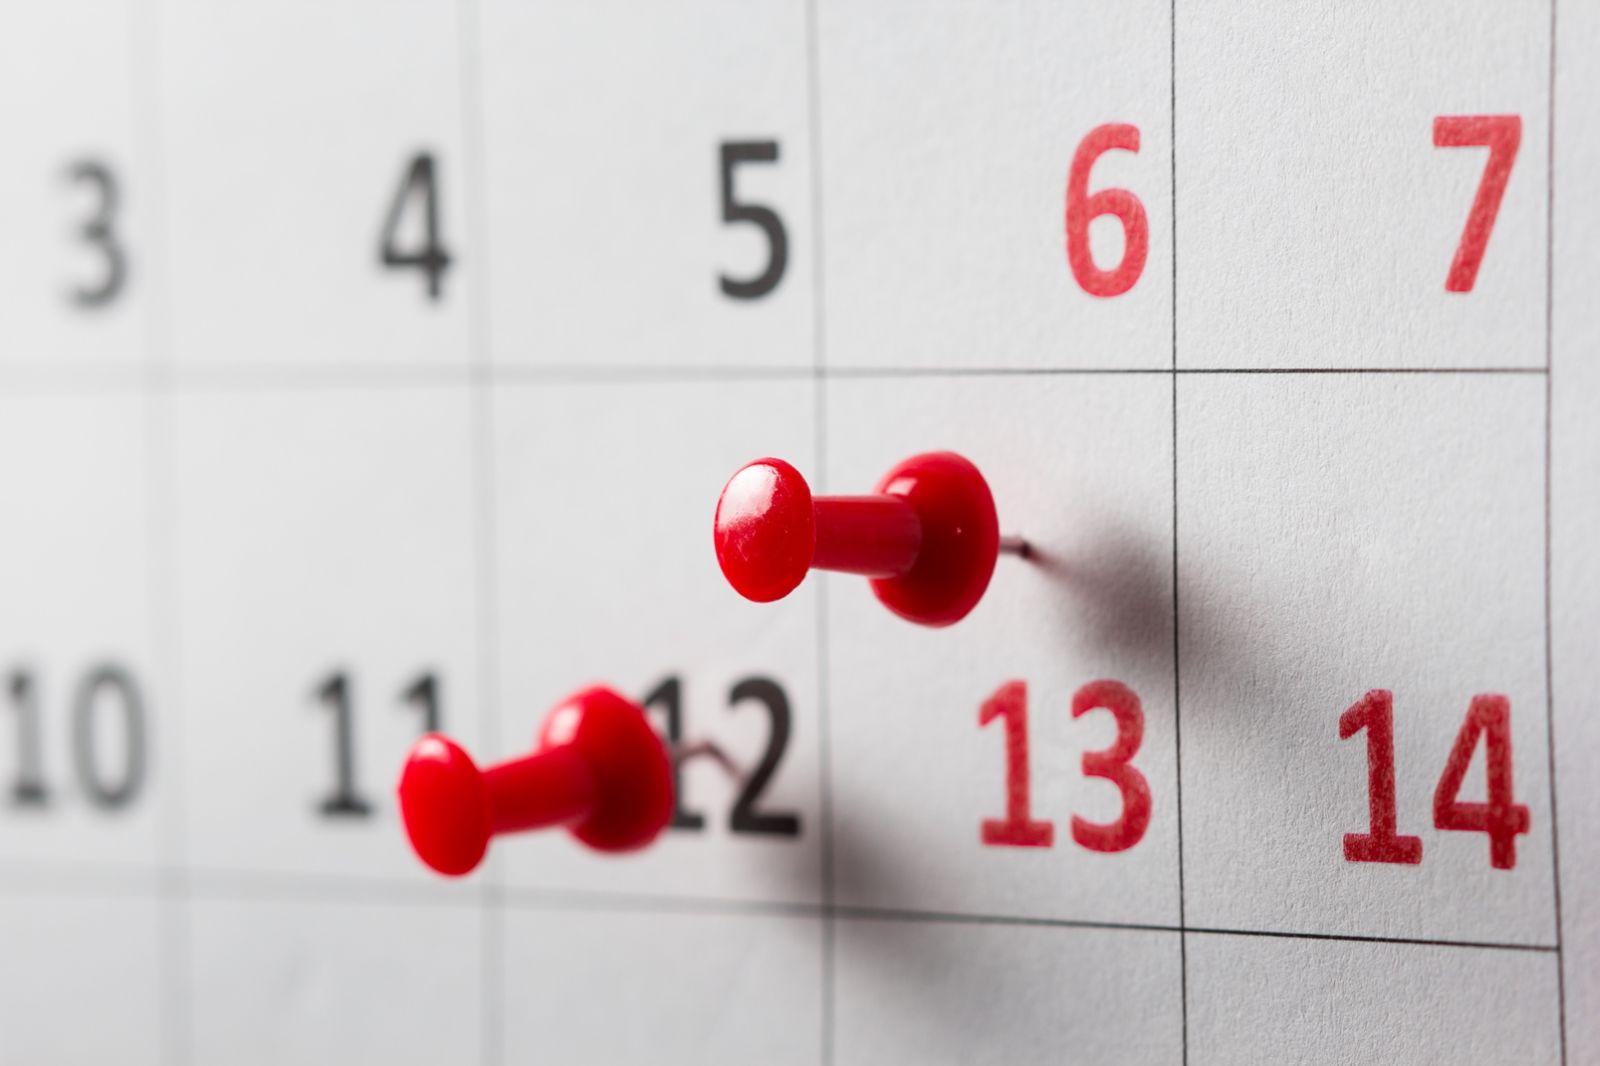 Calendar image via Shutterstock.com